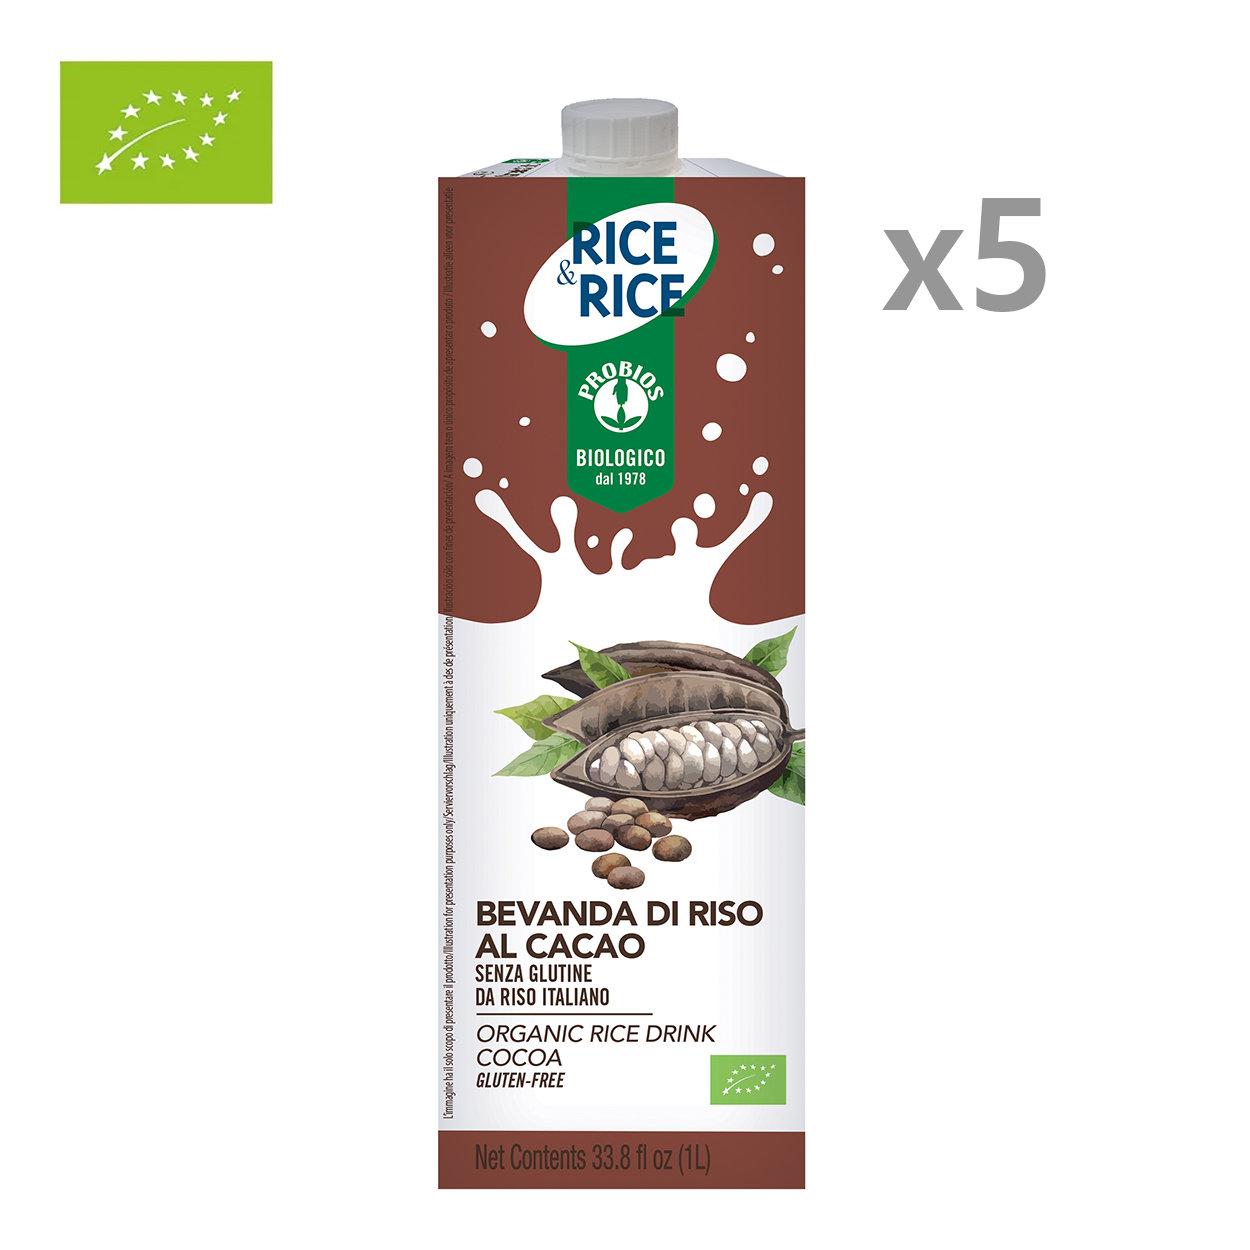 5 brik da 1 lt - Bevanda di Riso al Cacao